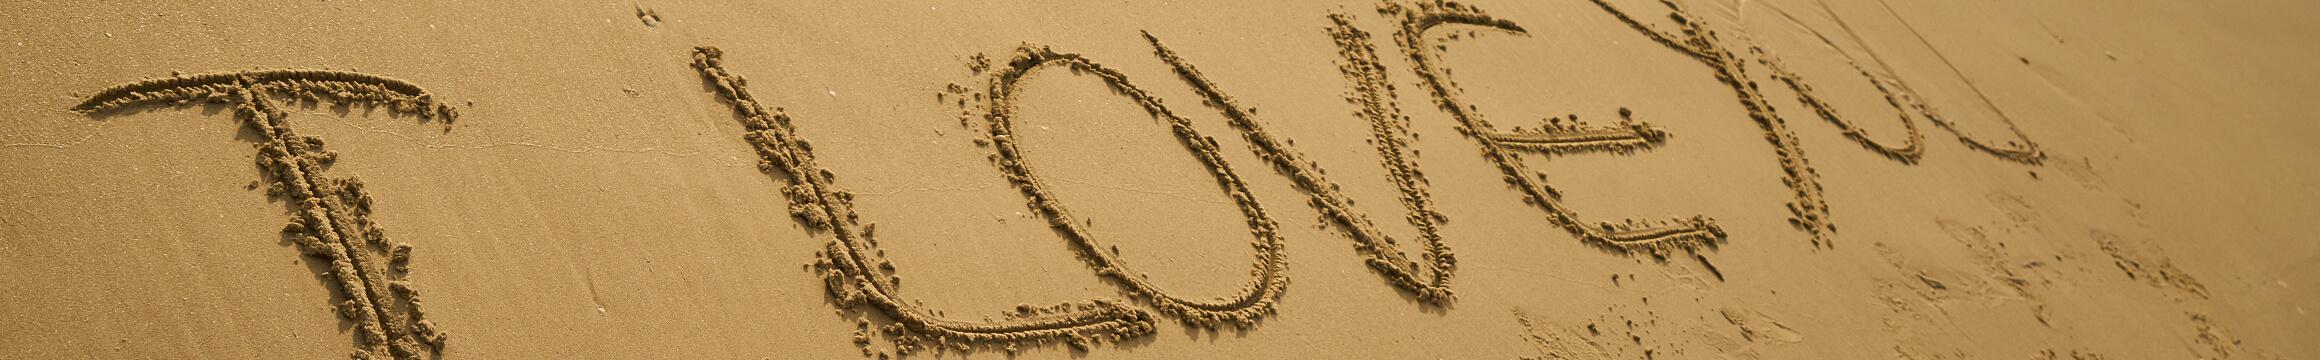 Ocean Beach 03